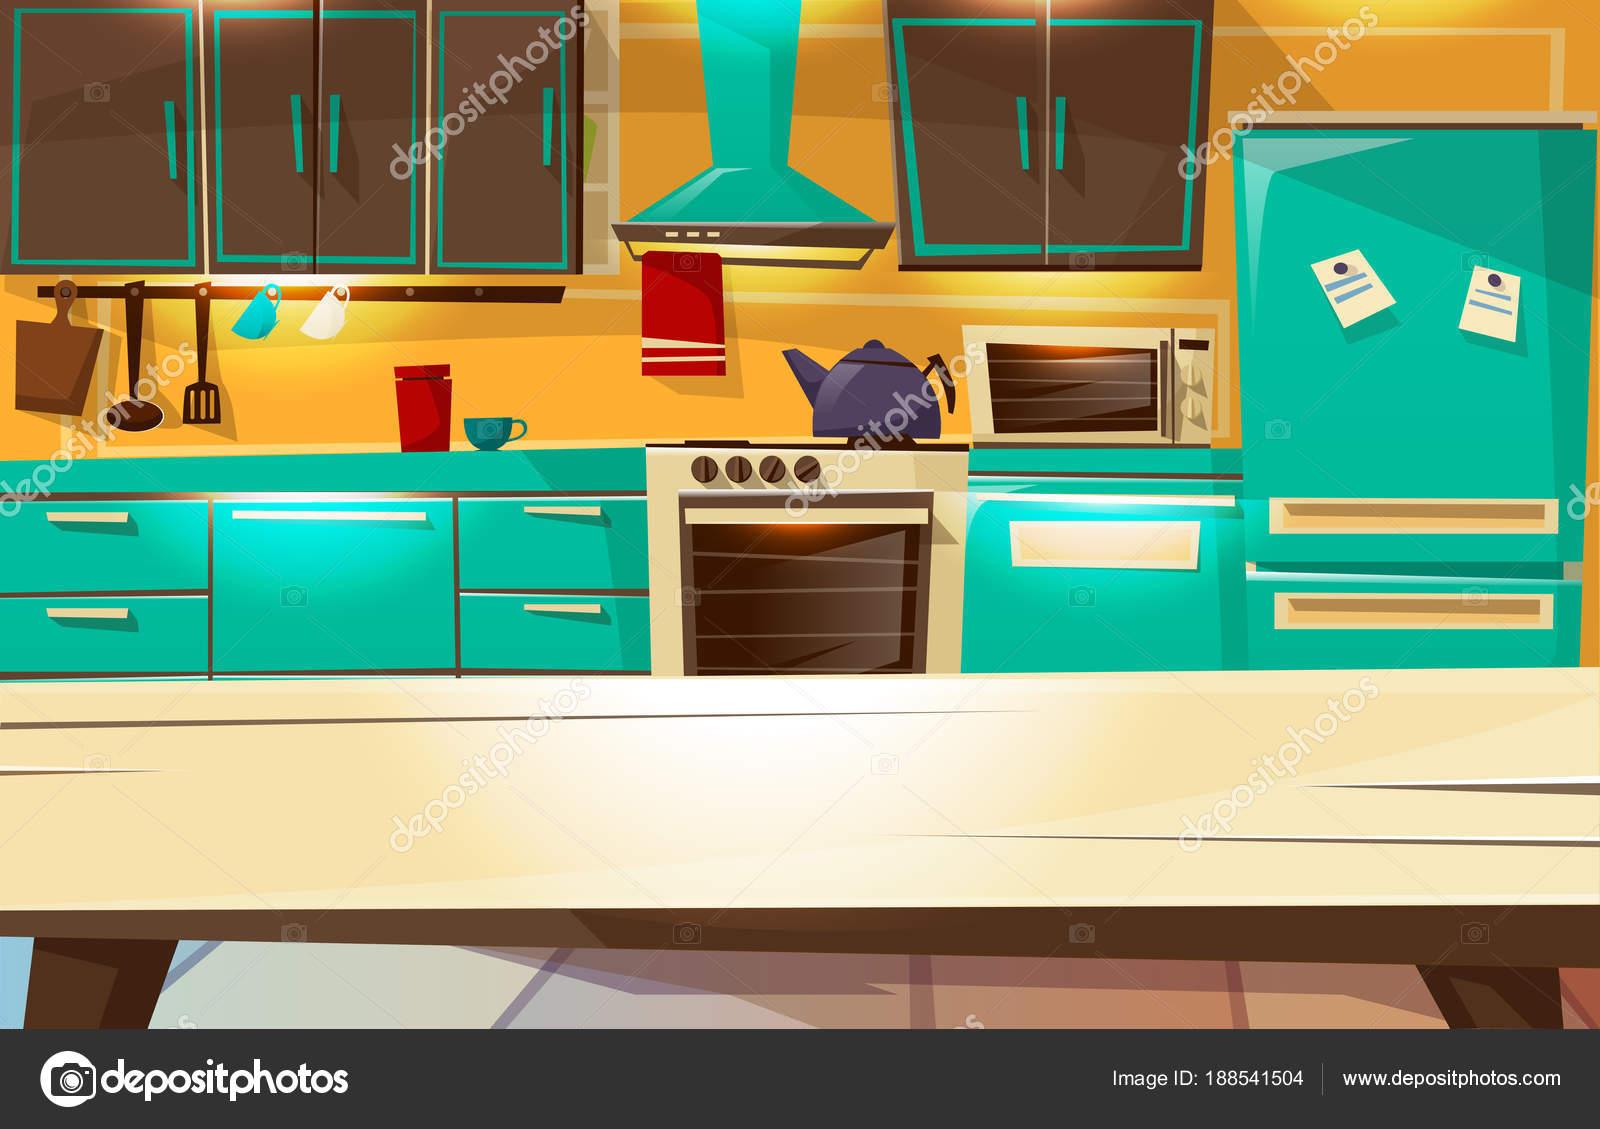 Ilustra O De Desenhos Animados De Vetor Cozinha Fundo Interior De